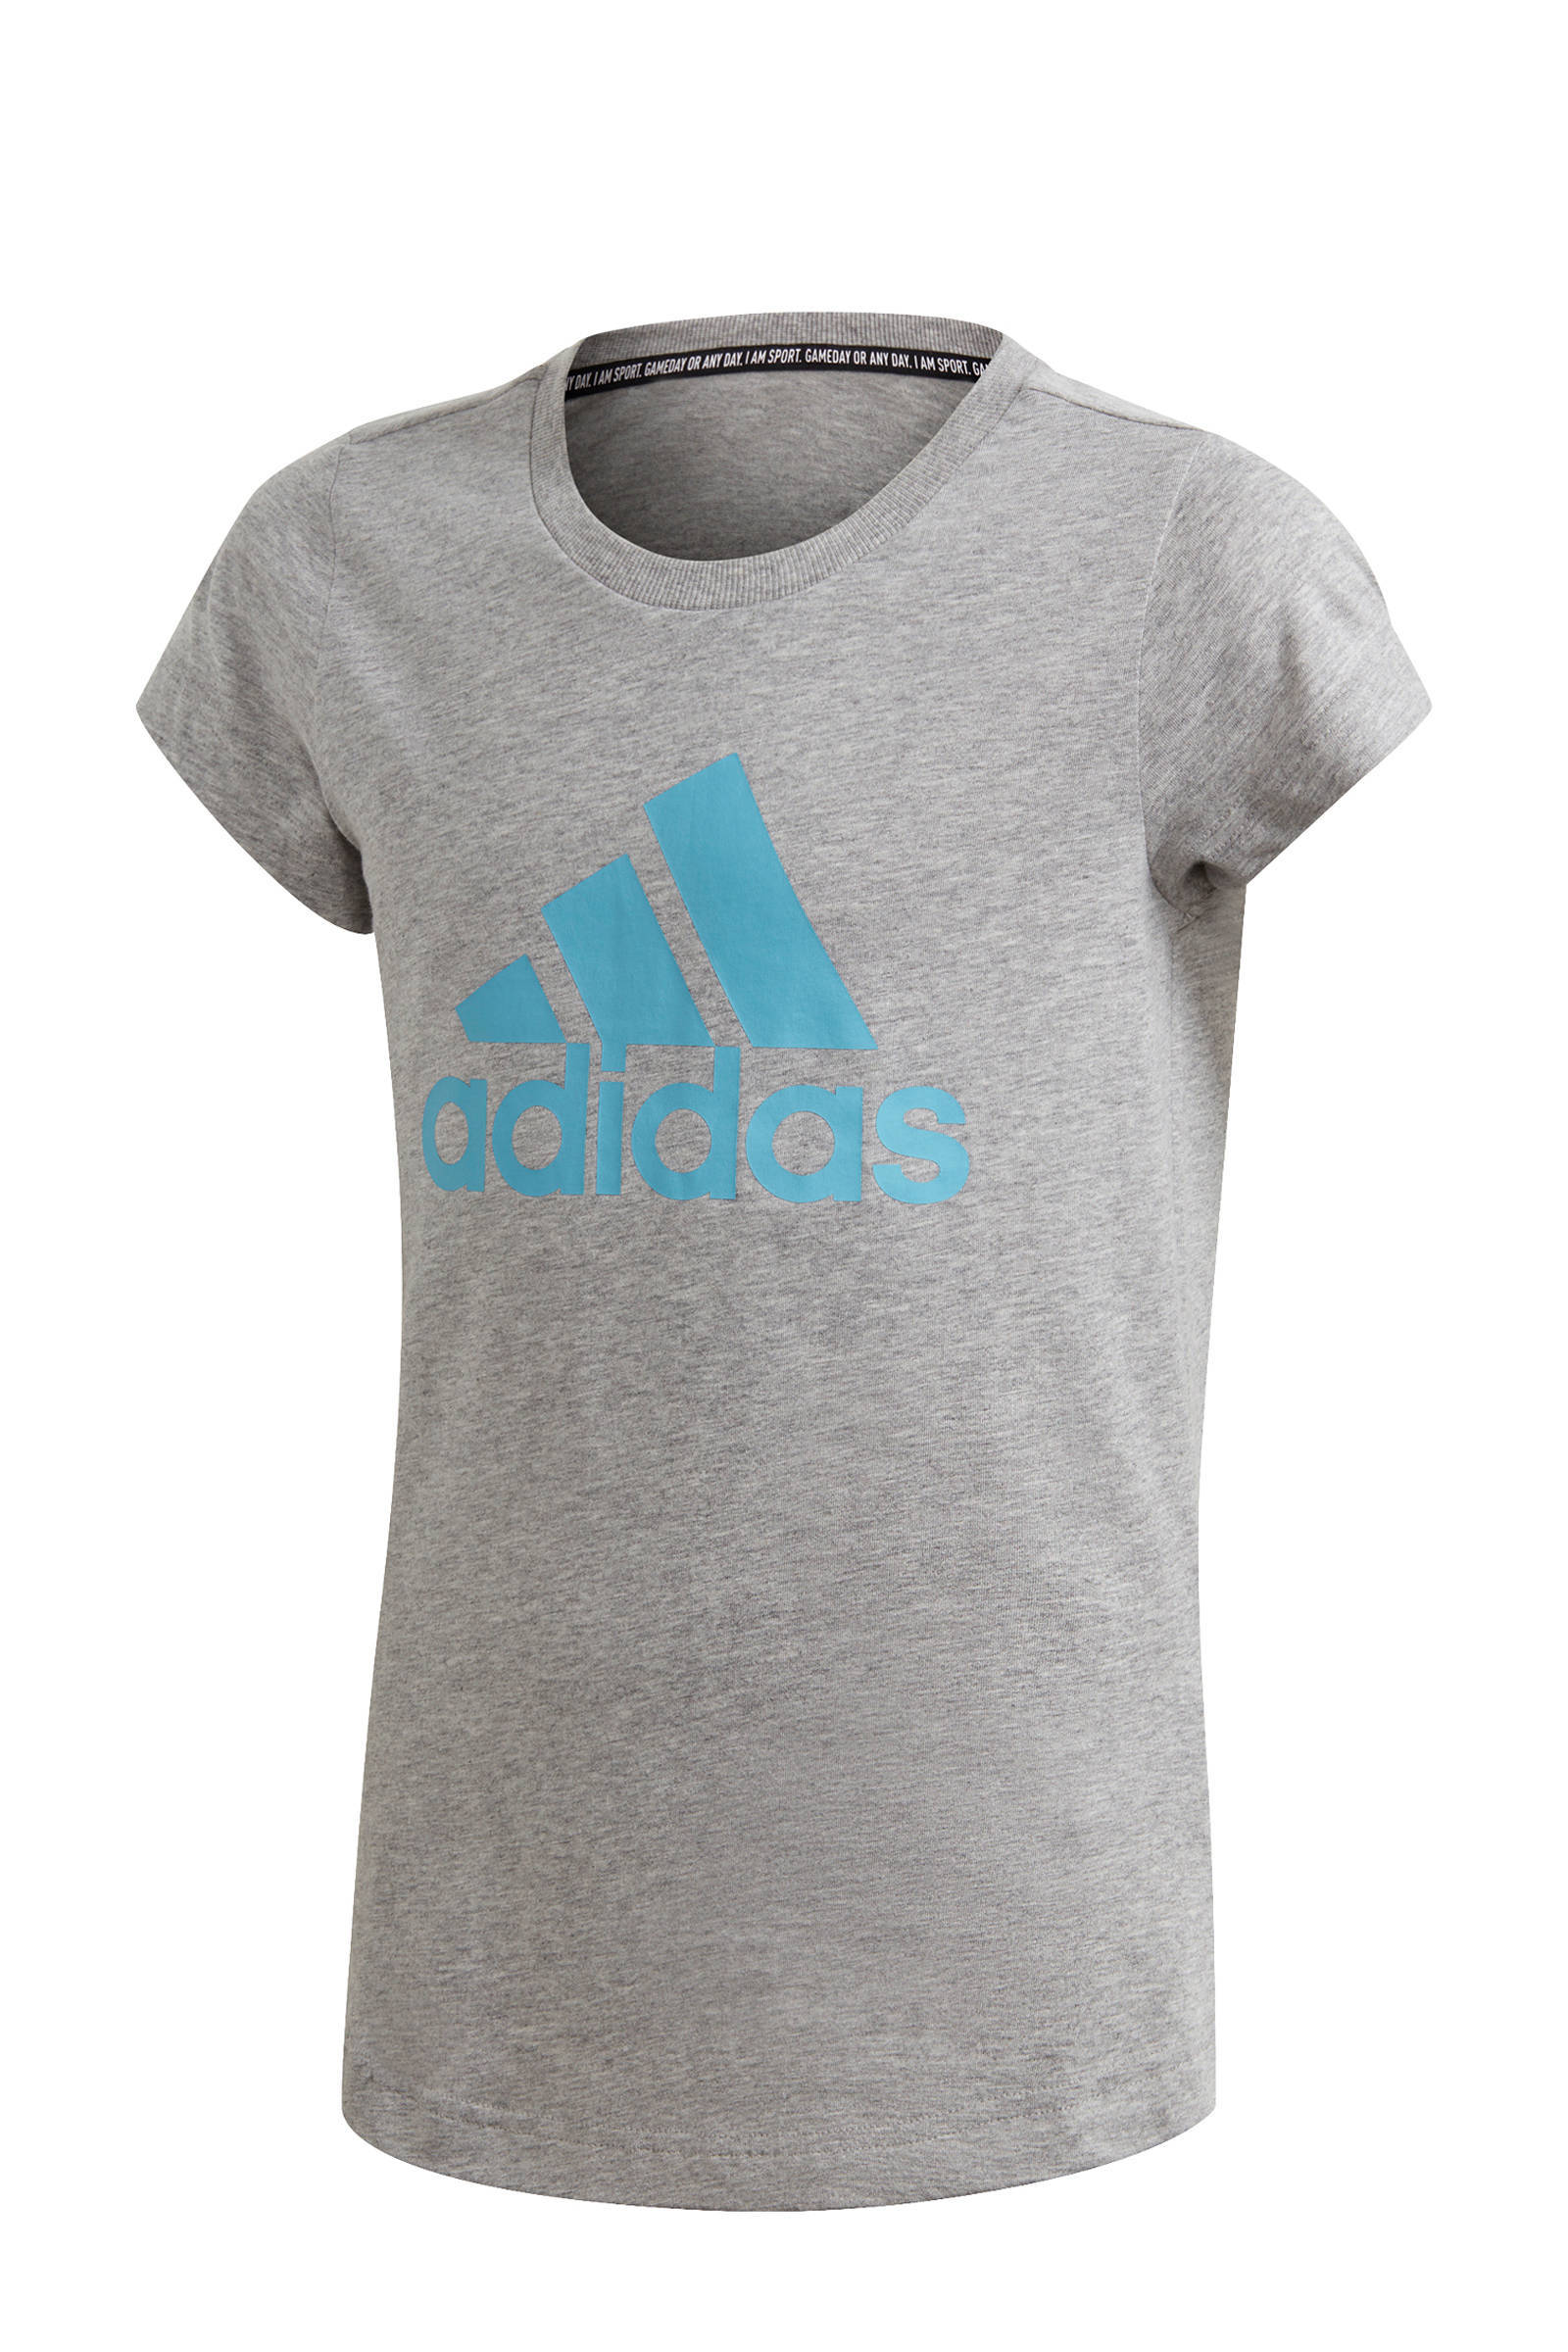 adidas Ajax sweat top De Wit Schijndel | Topje, Tops, Sweater